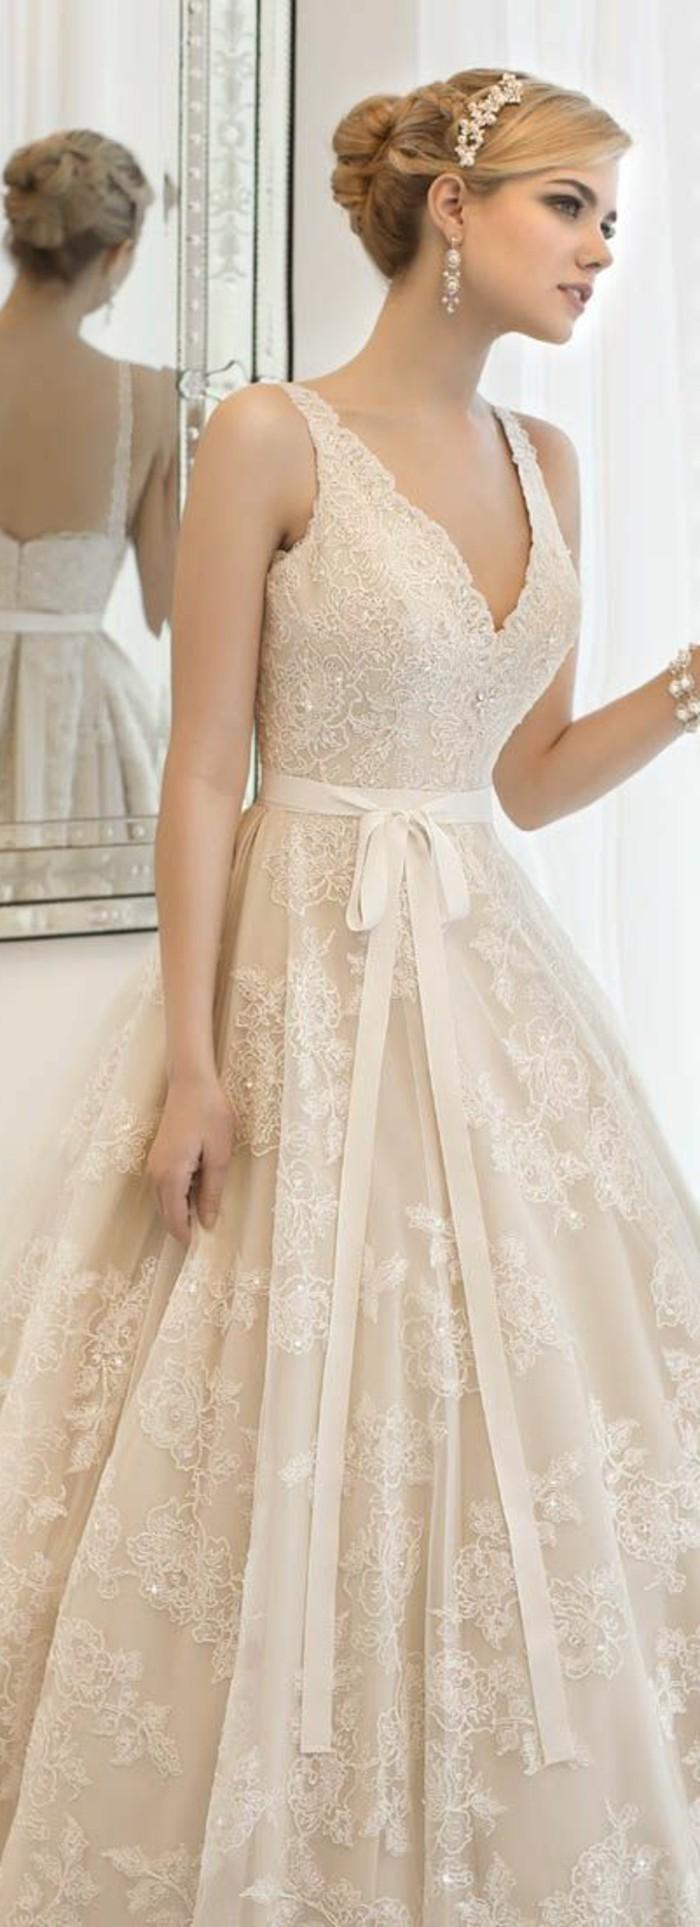 Brautkleid-in Rosa-hell-mit-schleife